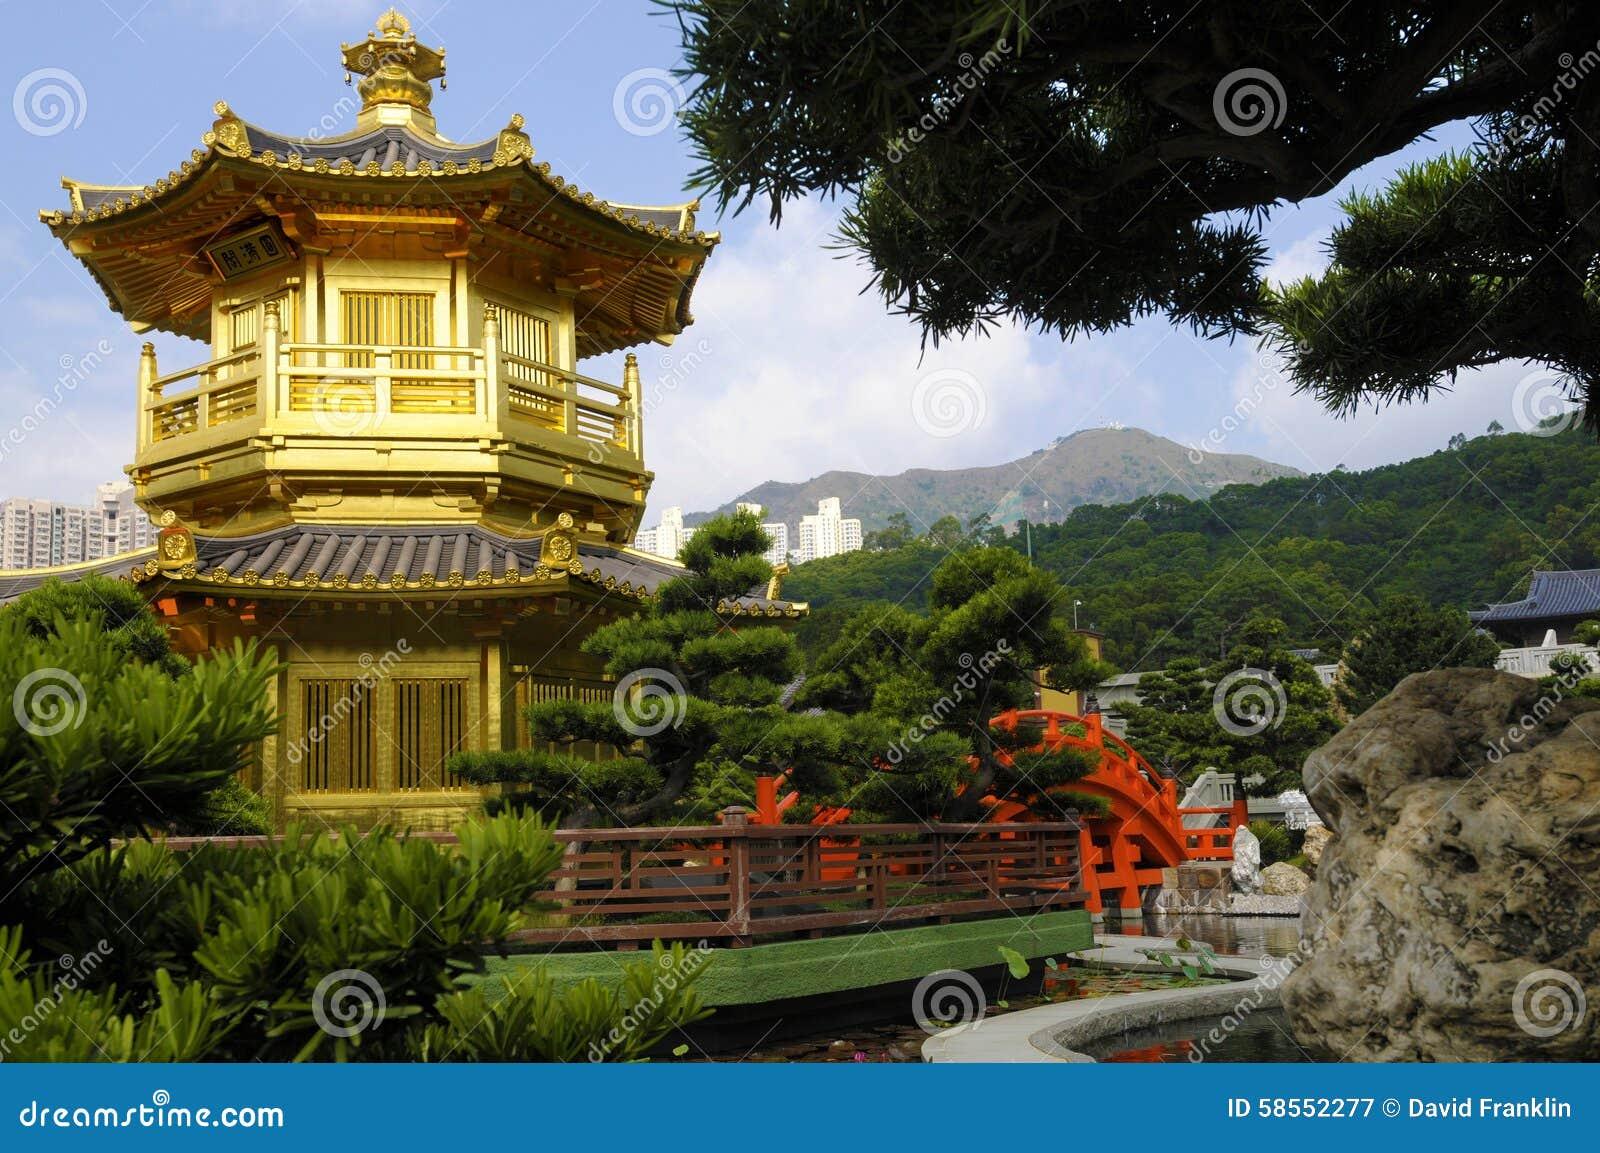 Pagoda de oro kowloon hong kong templo budista jard n for Jardin hong kong